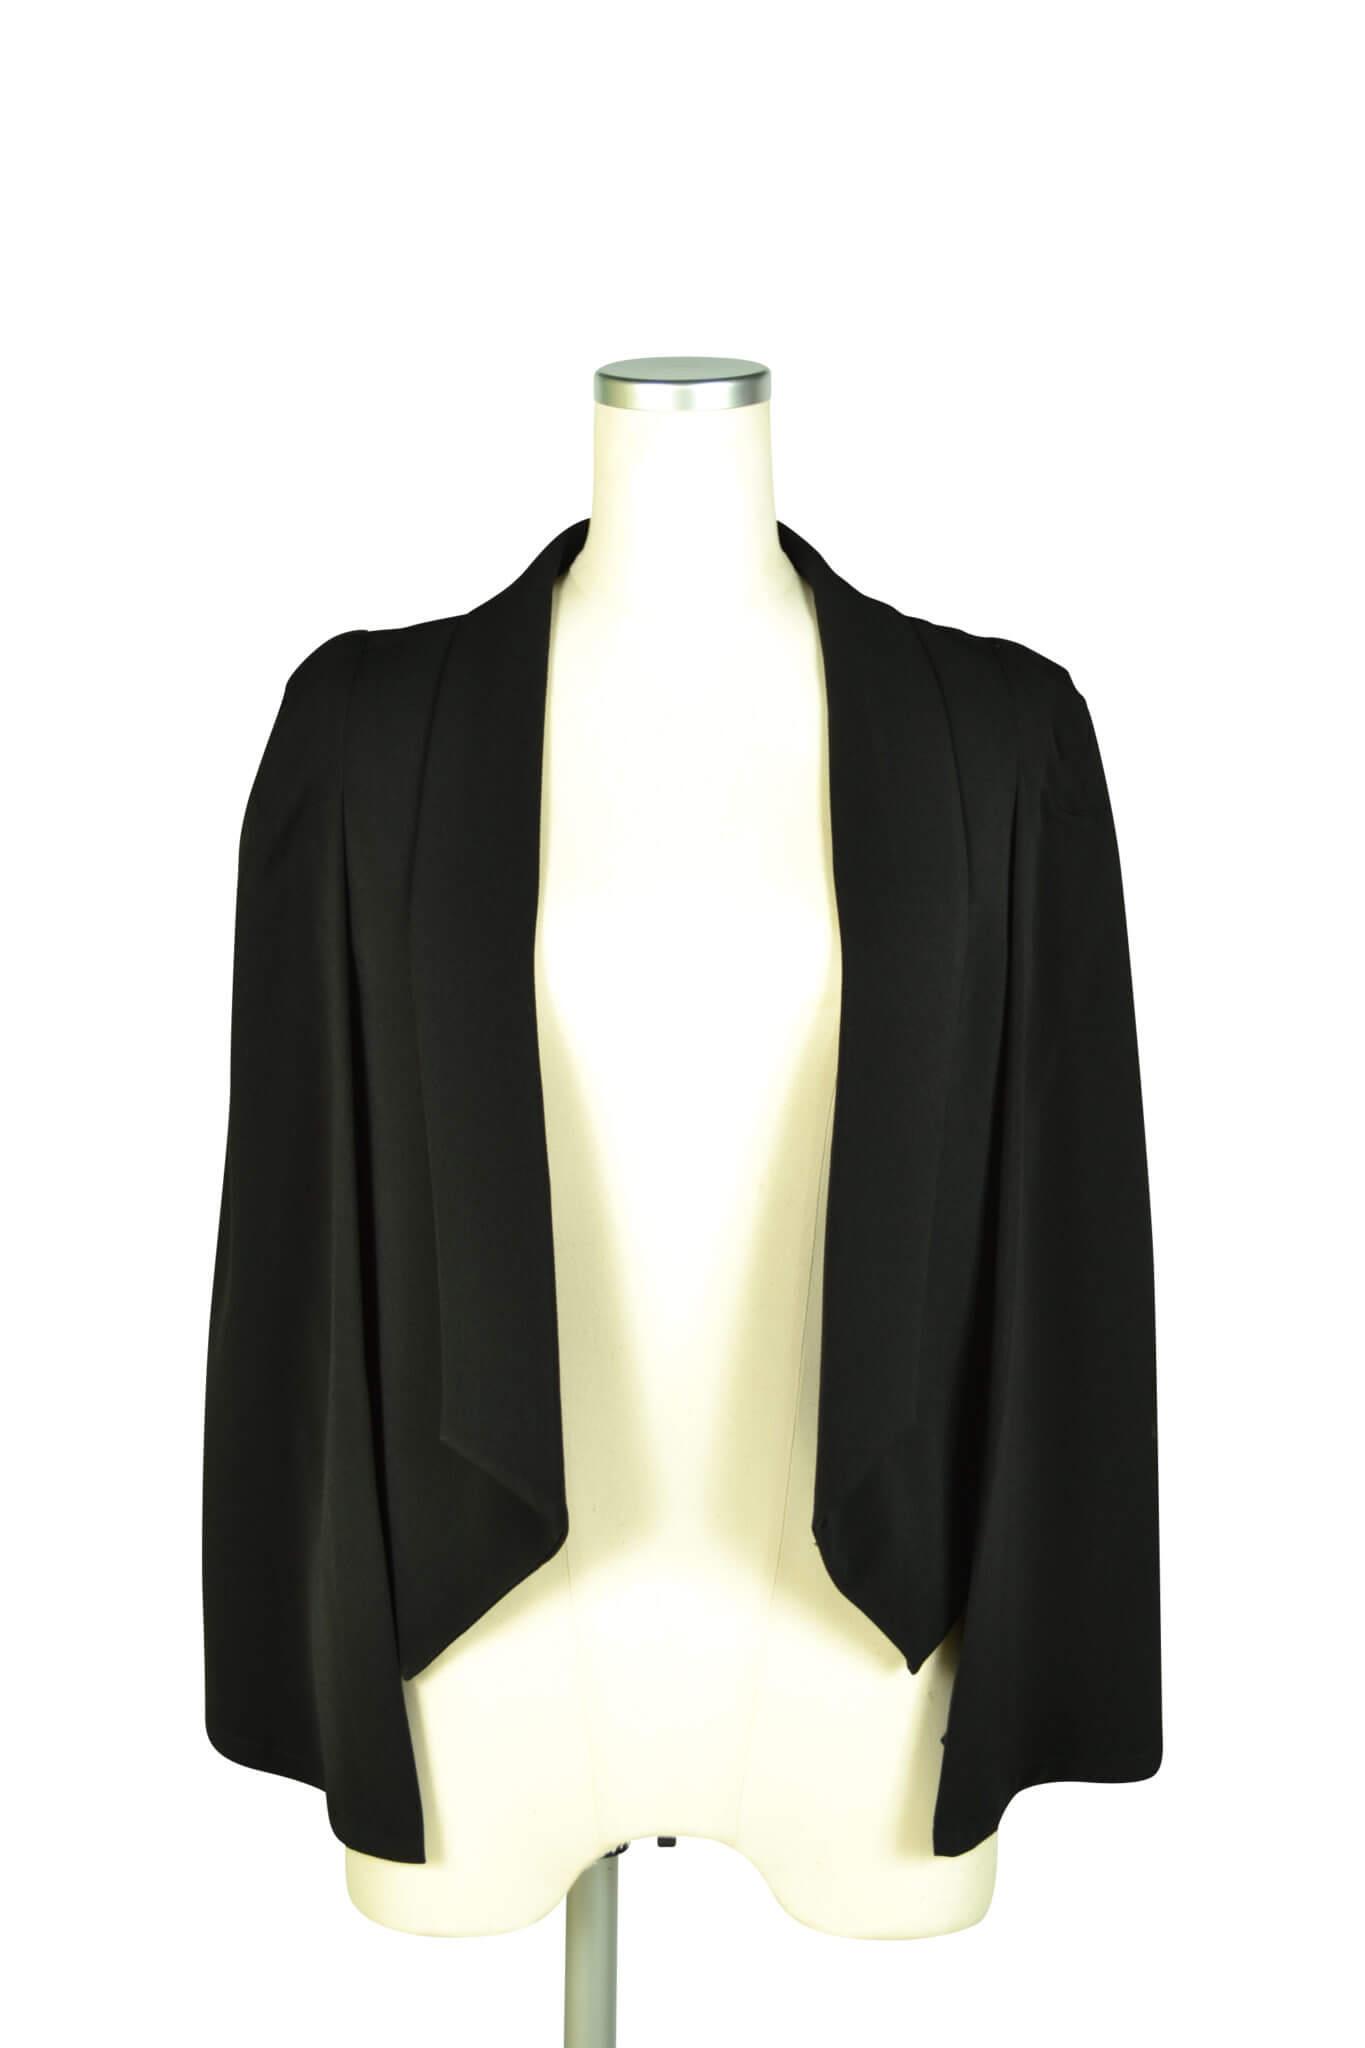 エルモソ リュクス (Hermoso luxe)襟付きケープ袖ブラックジャケット